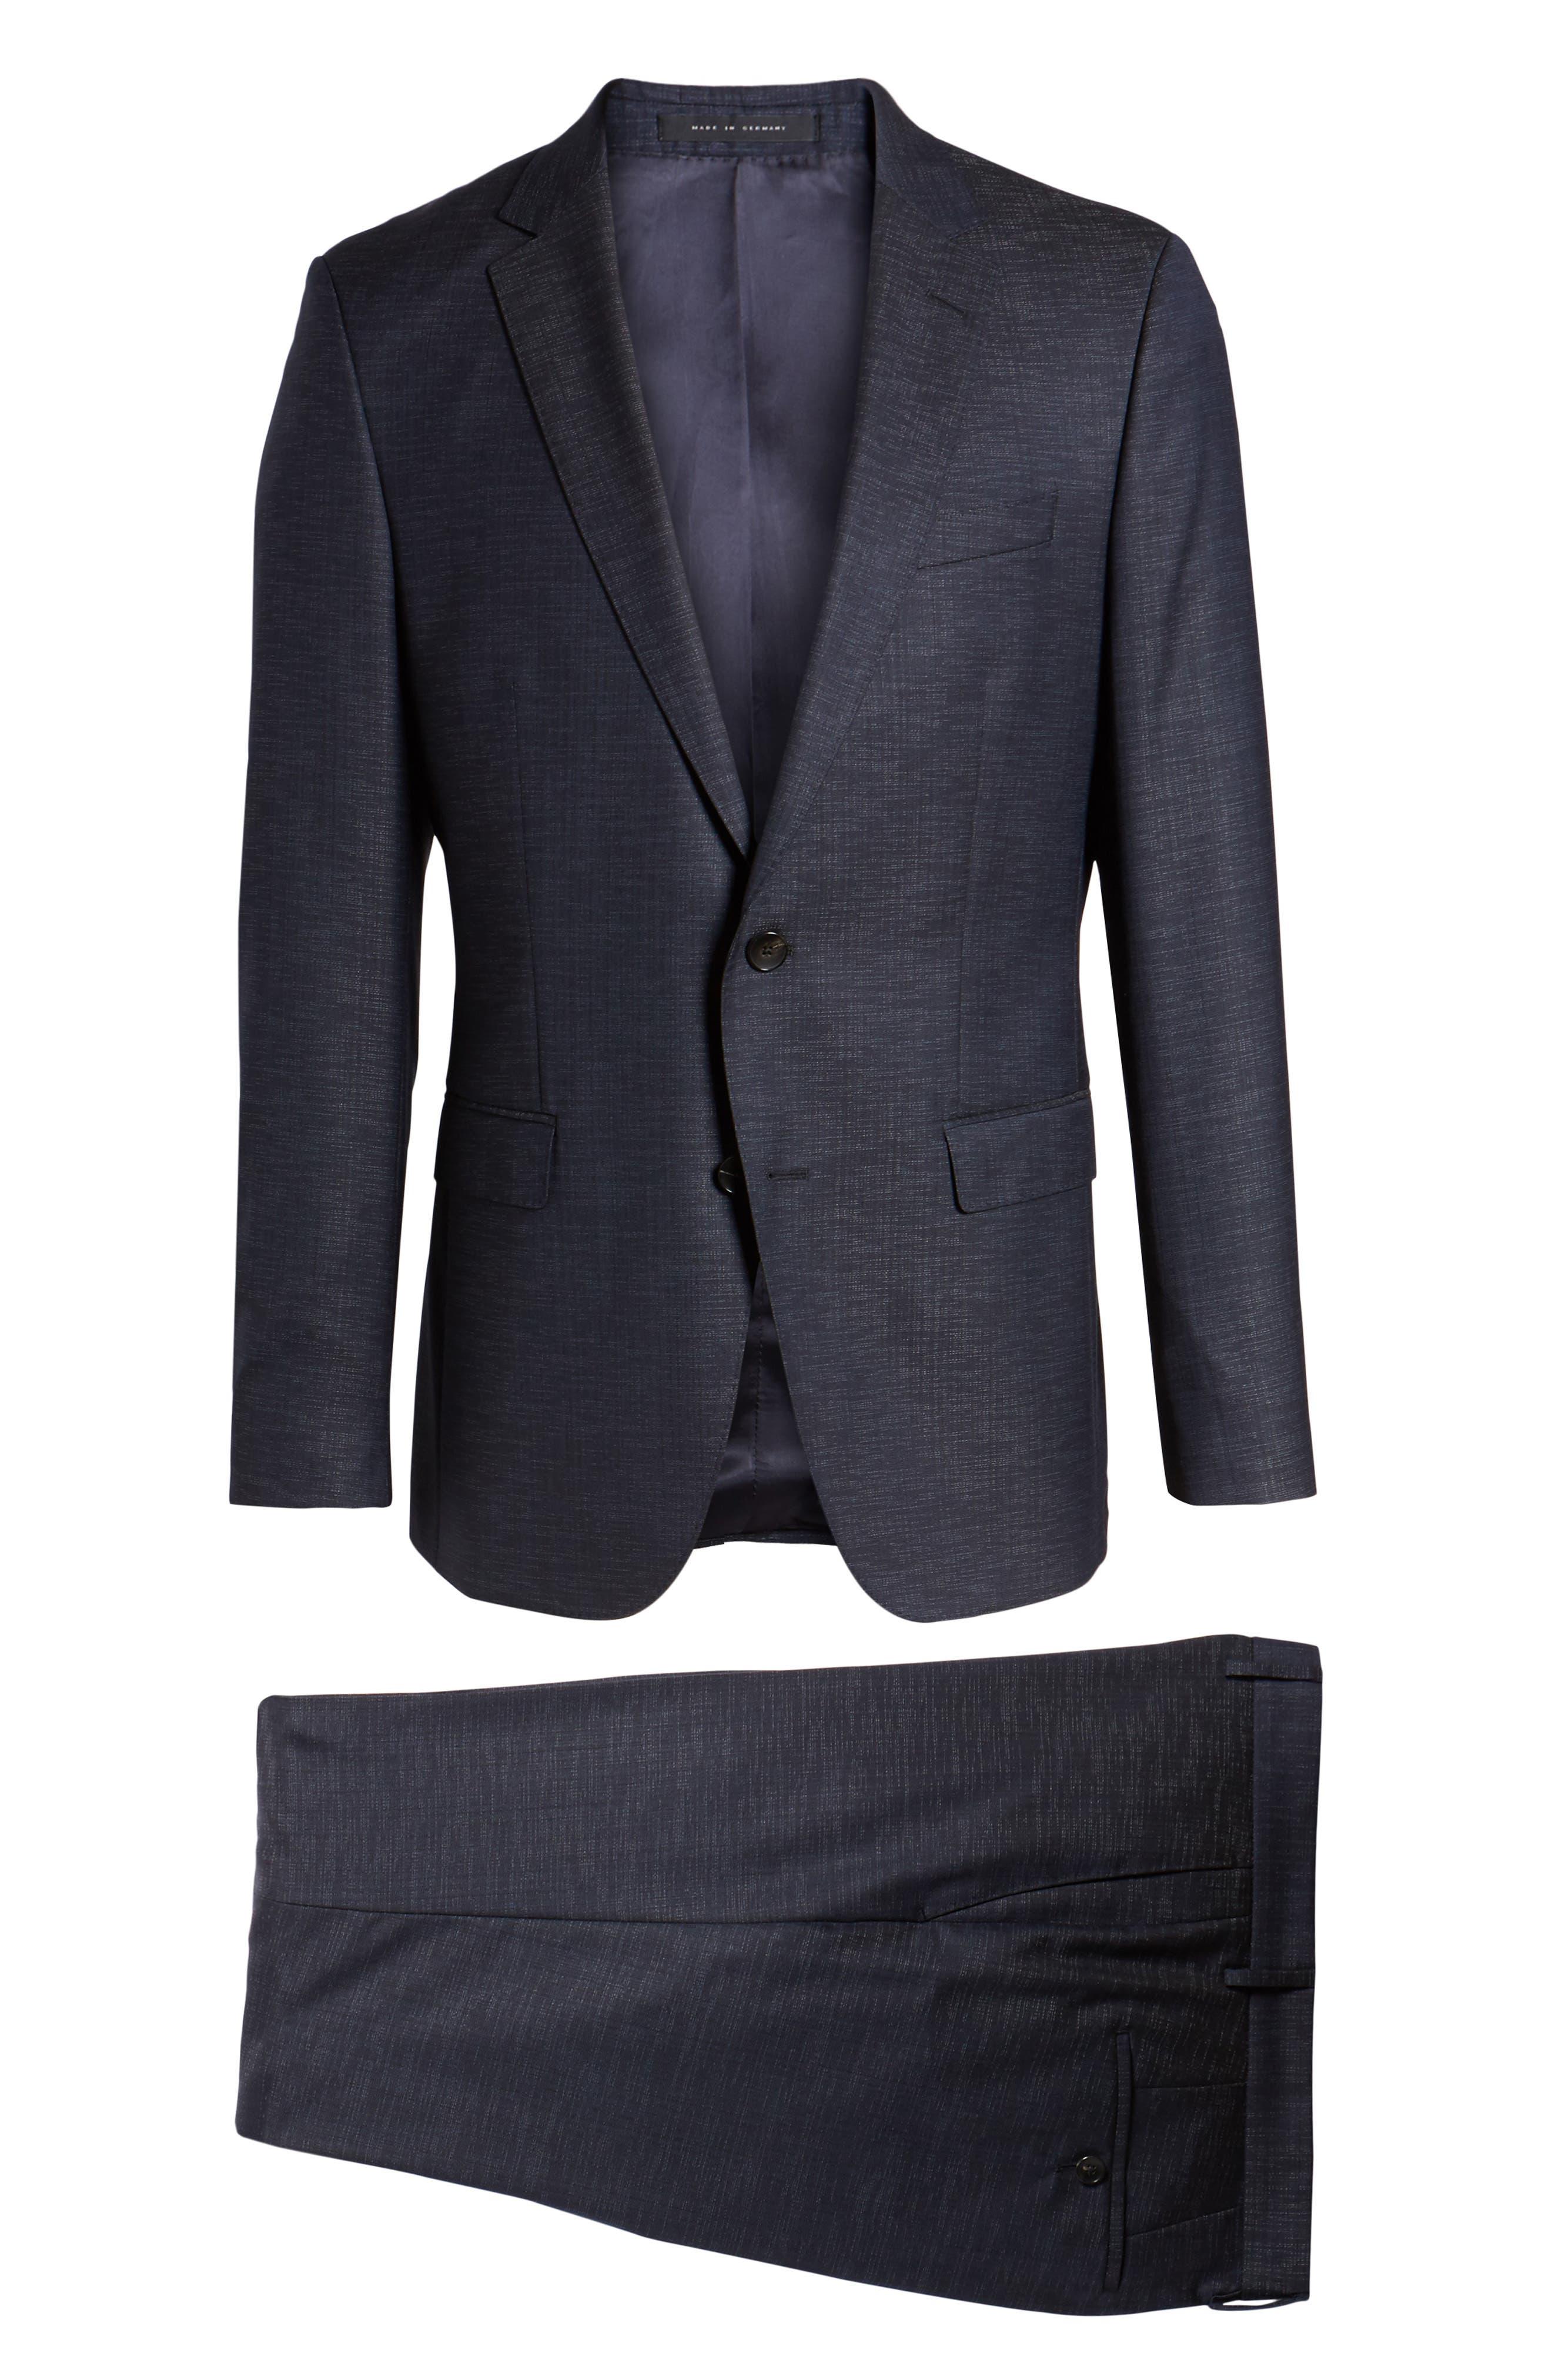 Novan/Ben Trim Fit Solid Wool Blend Suit,                             Alternate thumbnail 8, color,                             Navy